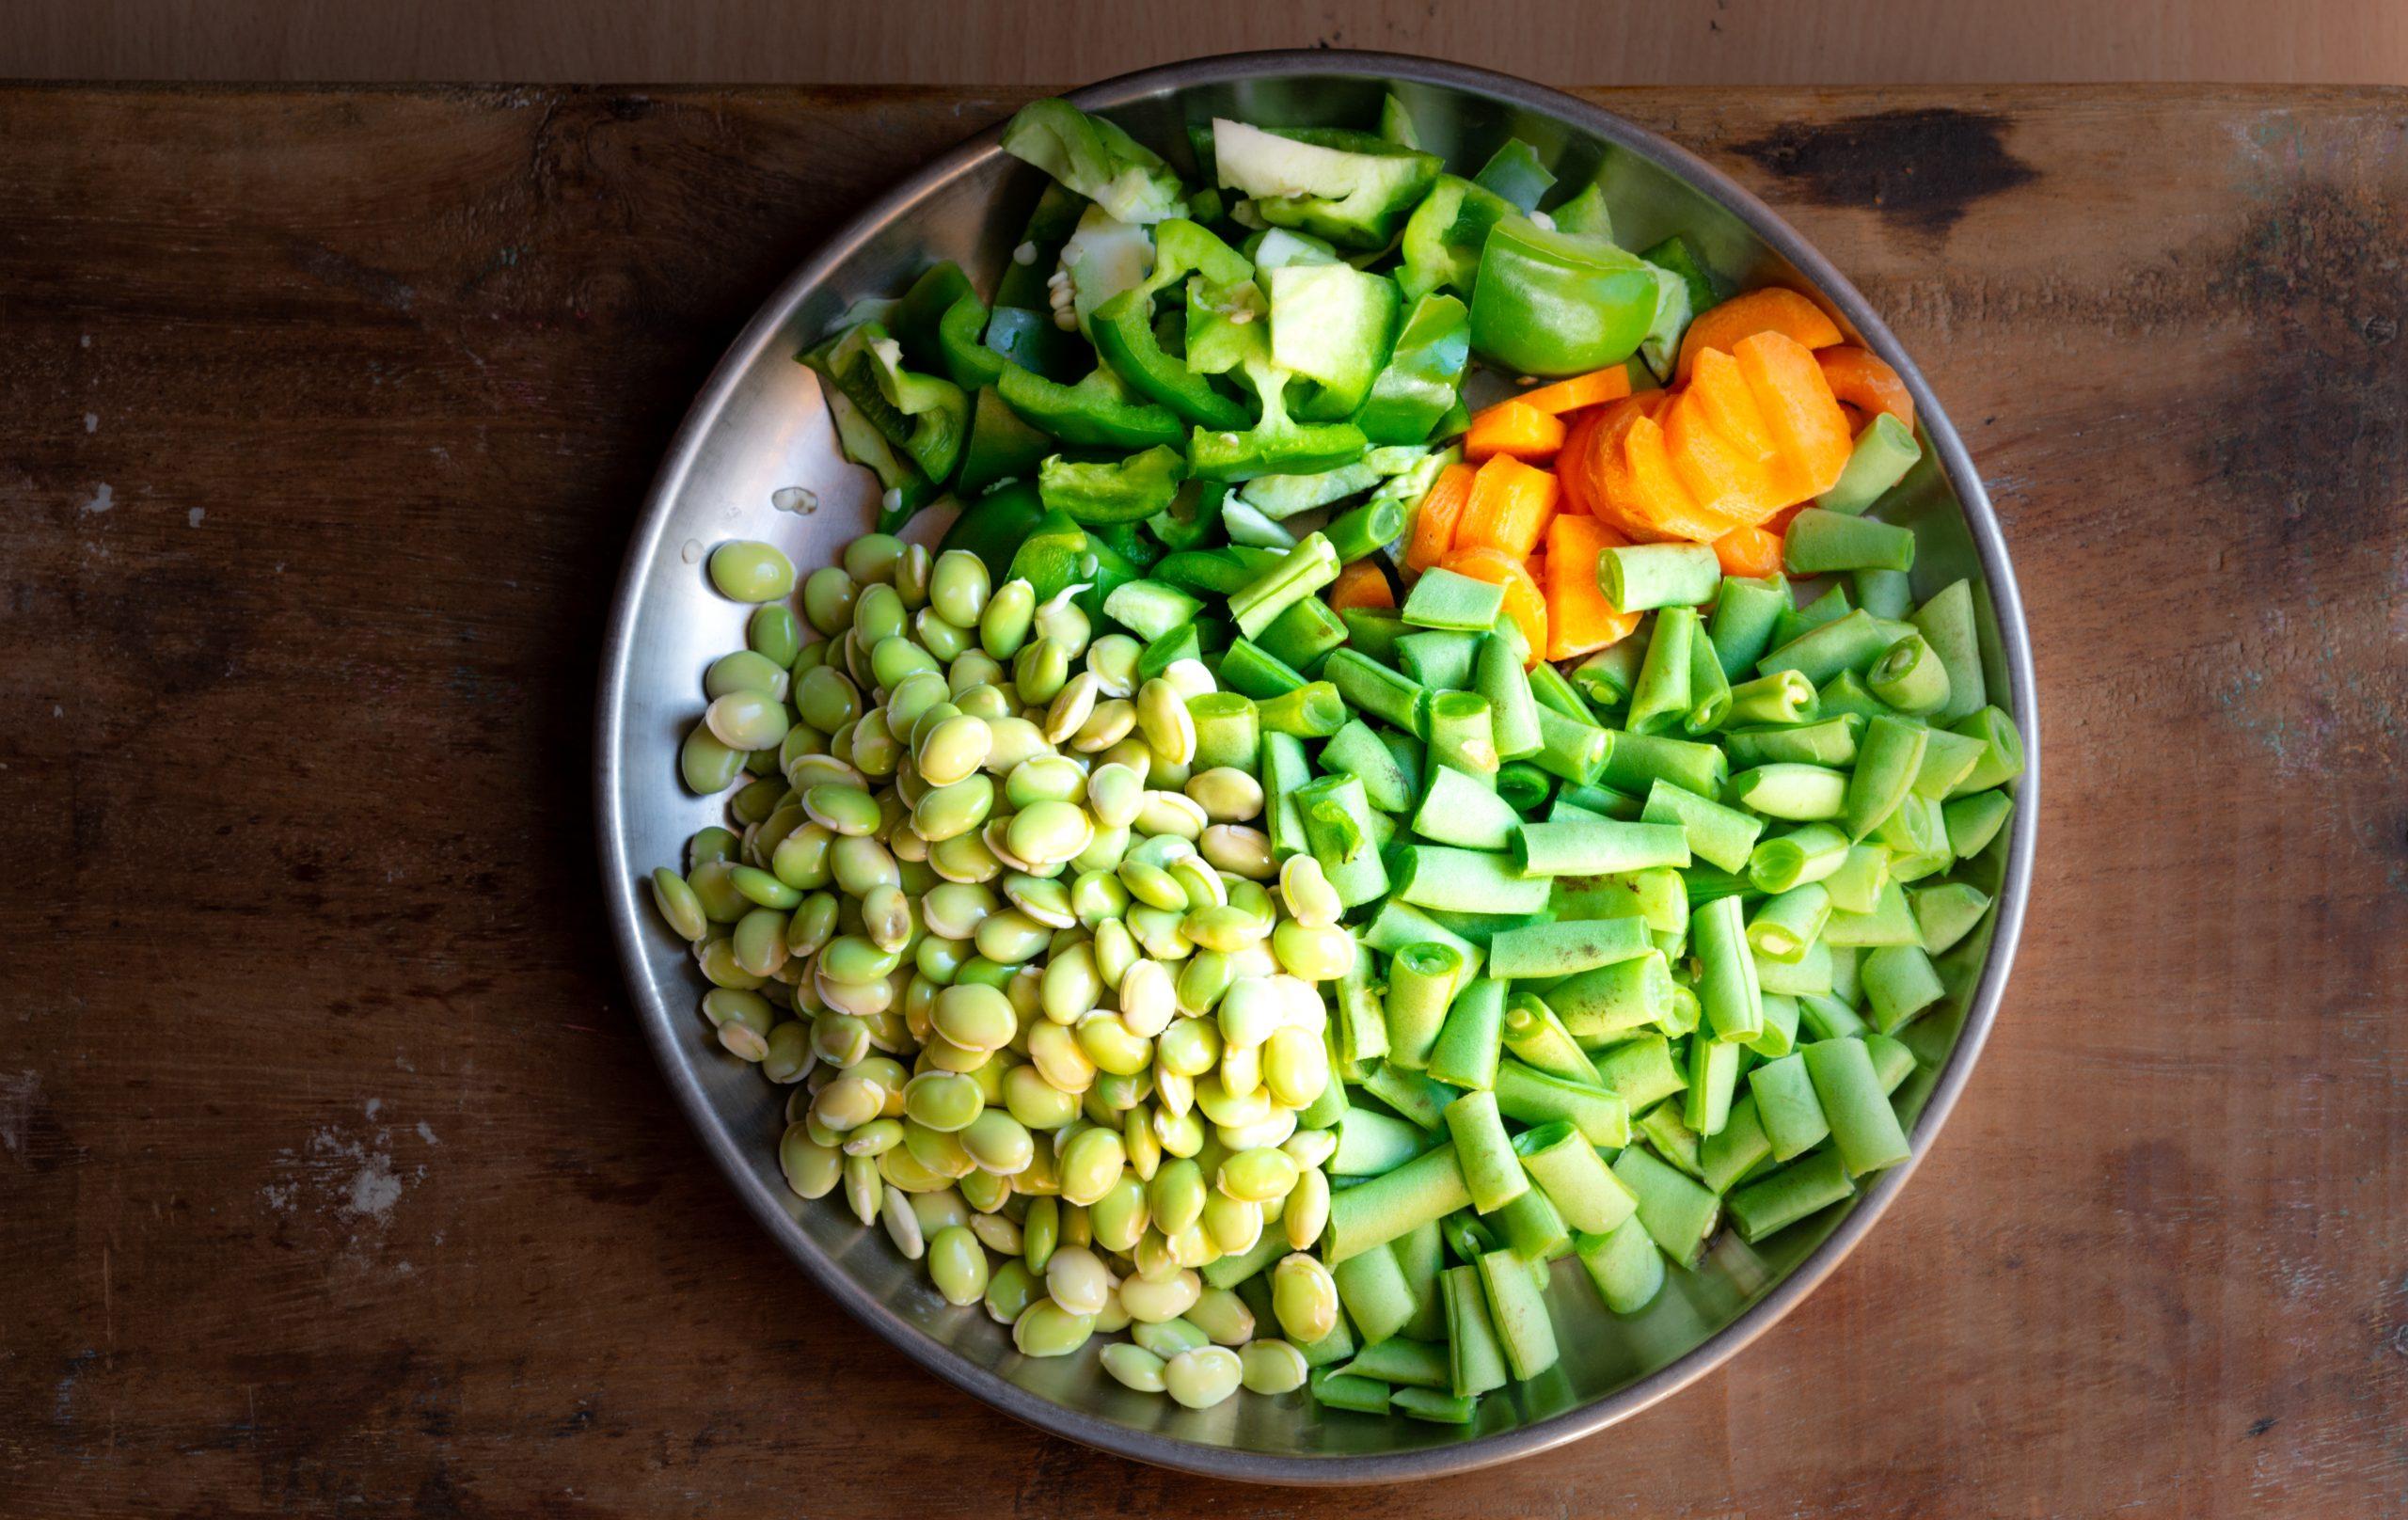 Vegetable in plate